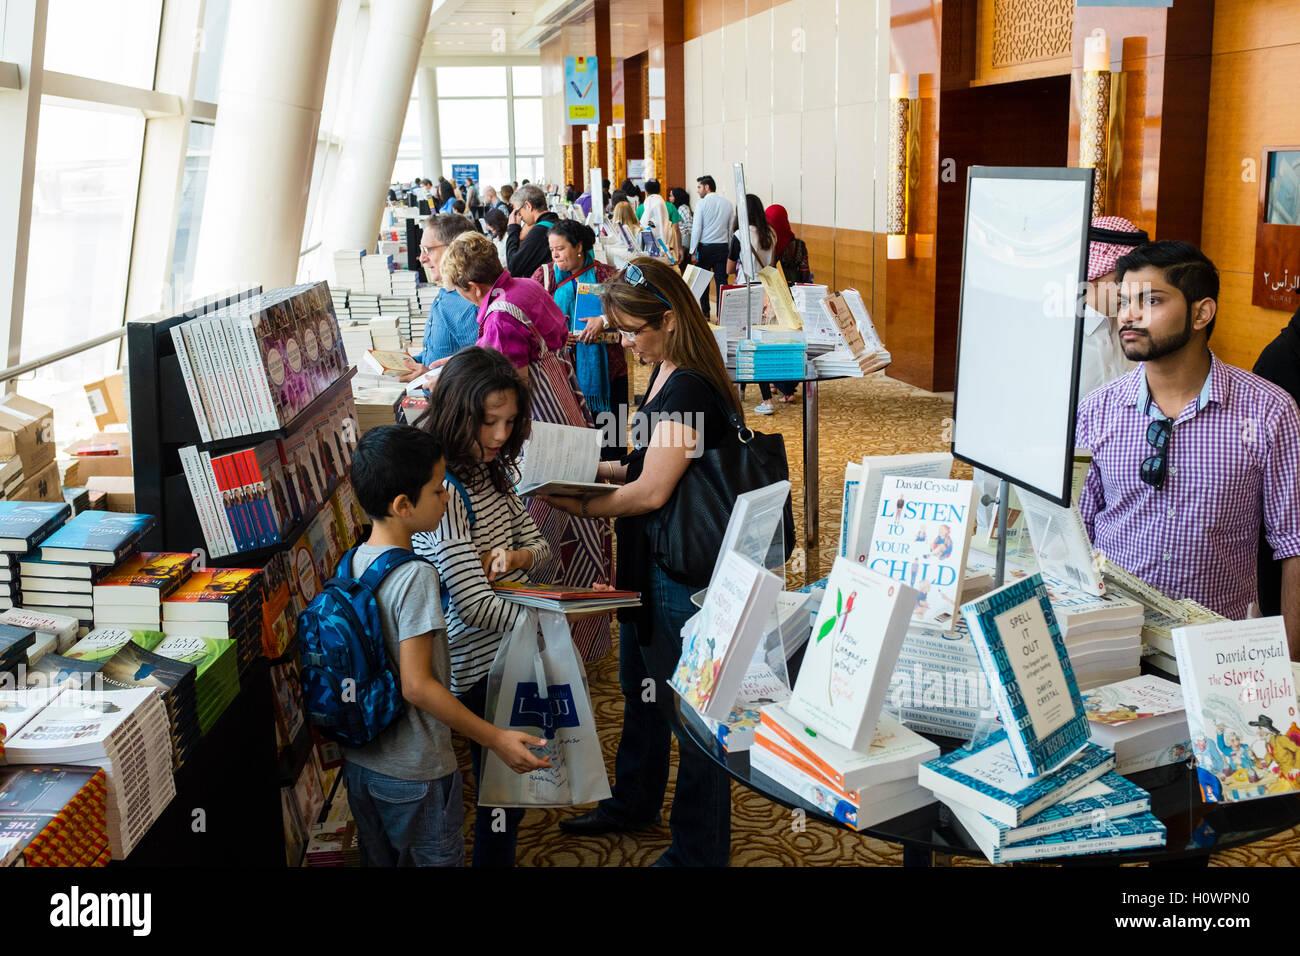 Interior of venue at Emirates Airlines Festival of Literature 2016 in Dubai, United Arab Emirates - Stock Image